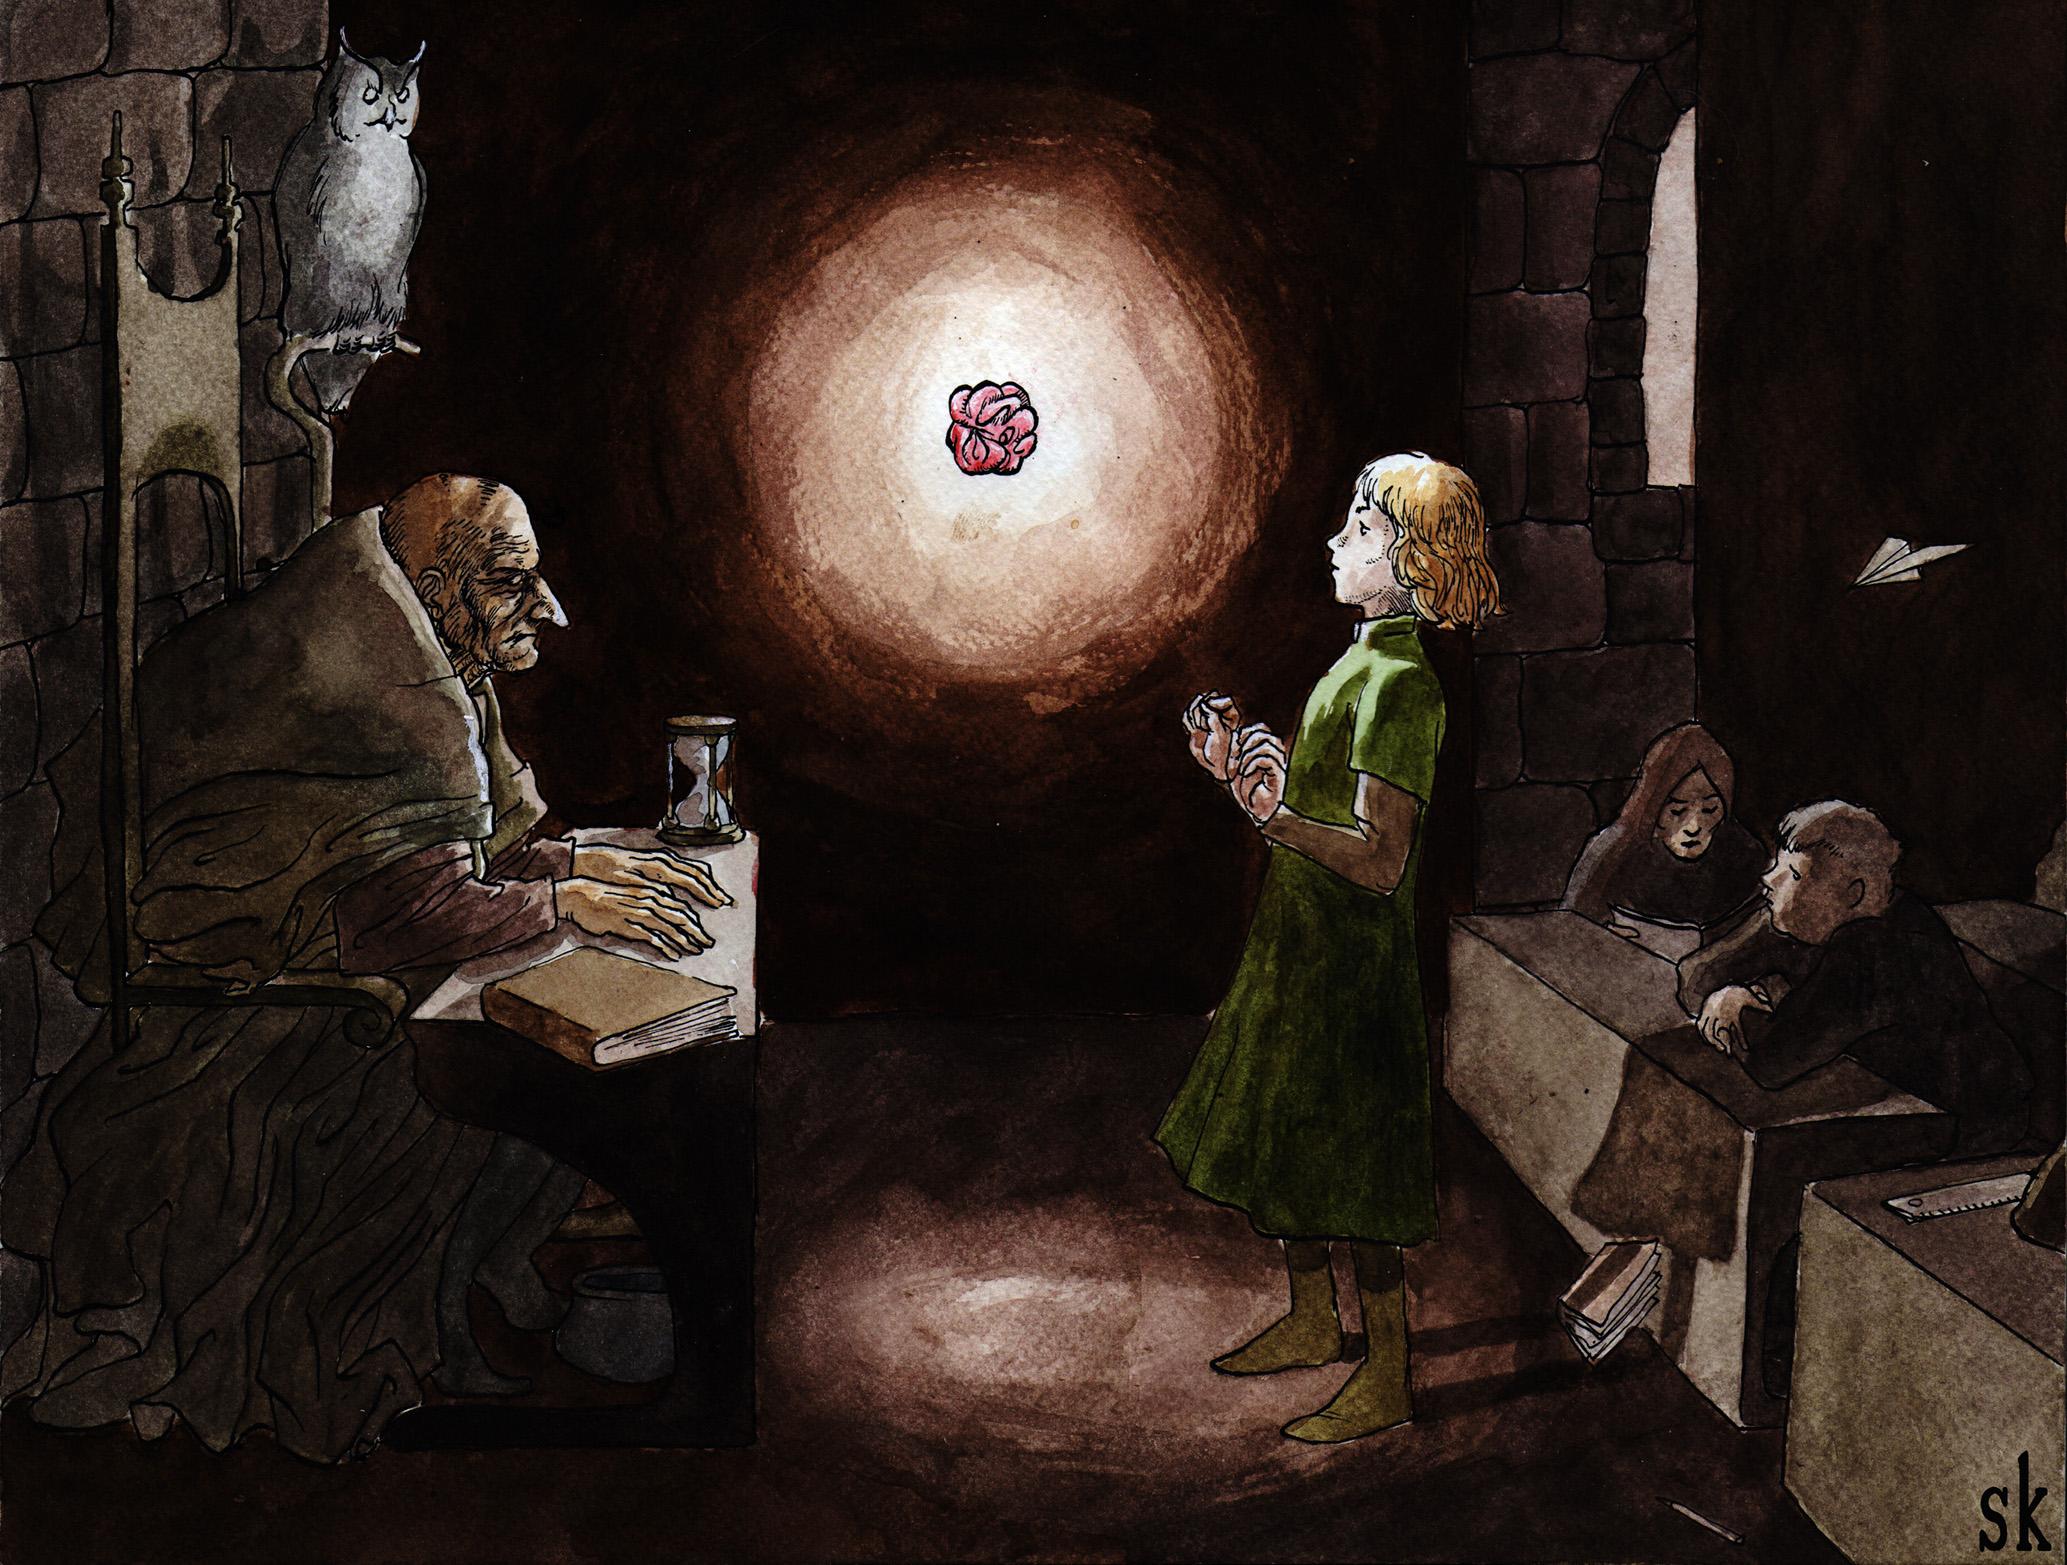 escuela de magia low